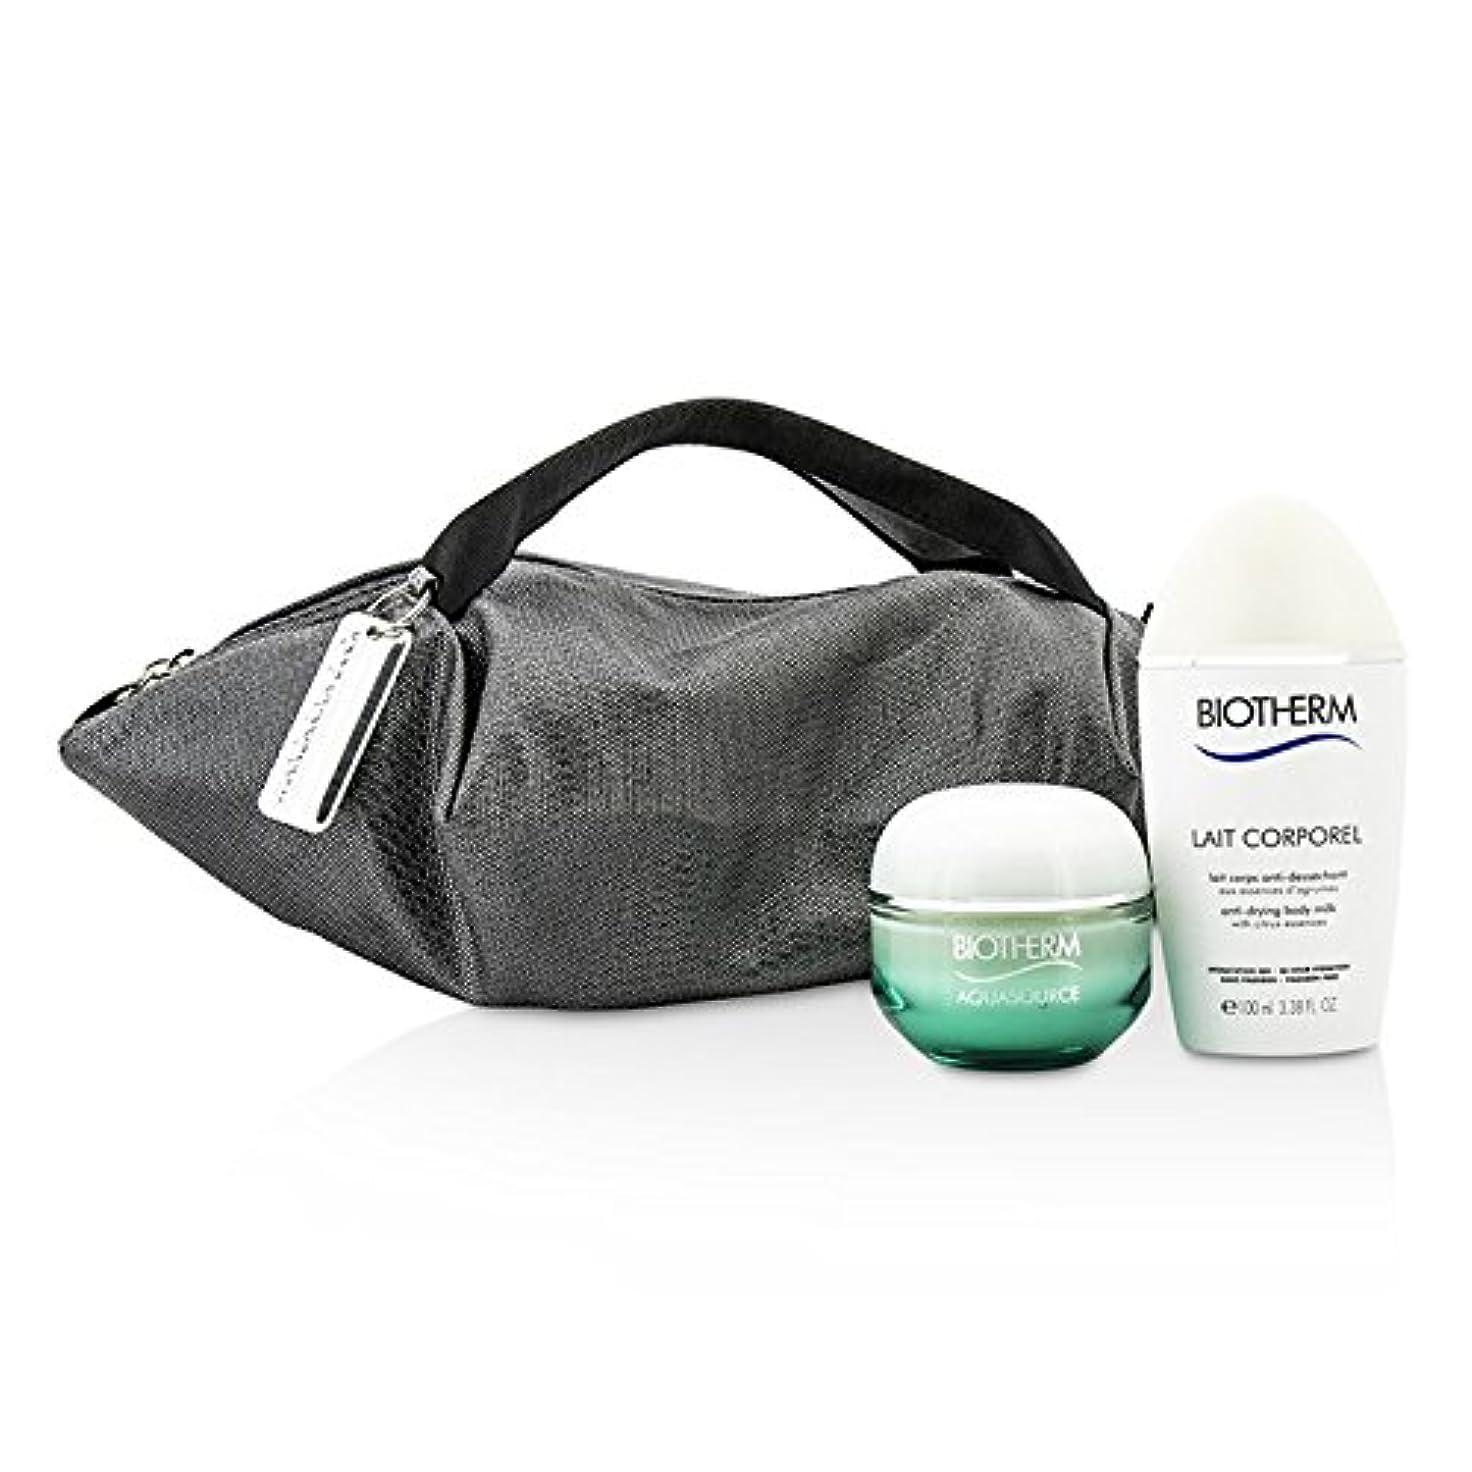 の間で悲劇快いビオテルム Aquasource & Body Care X Mandarina Duck Coffret: Cream N/C 50ml + Anti-Drying Body Care 100ml + Handle Bag...